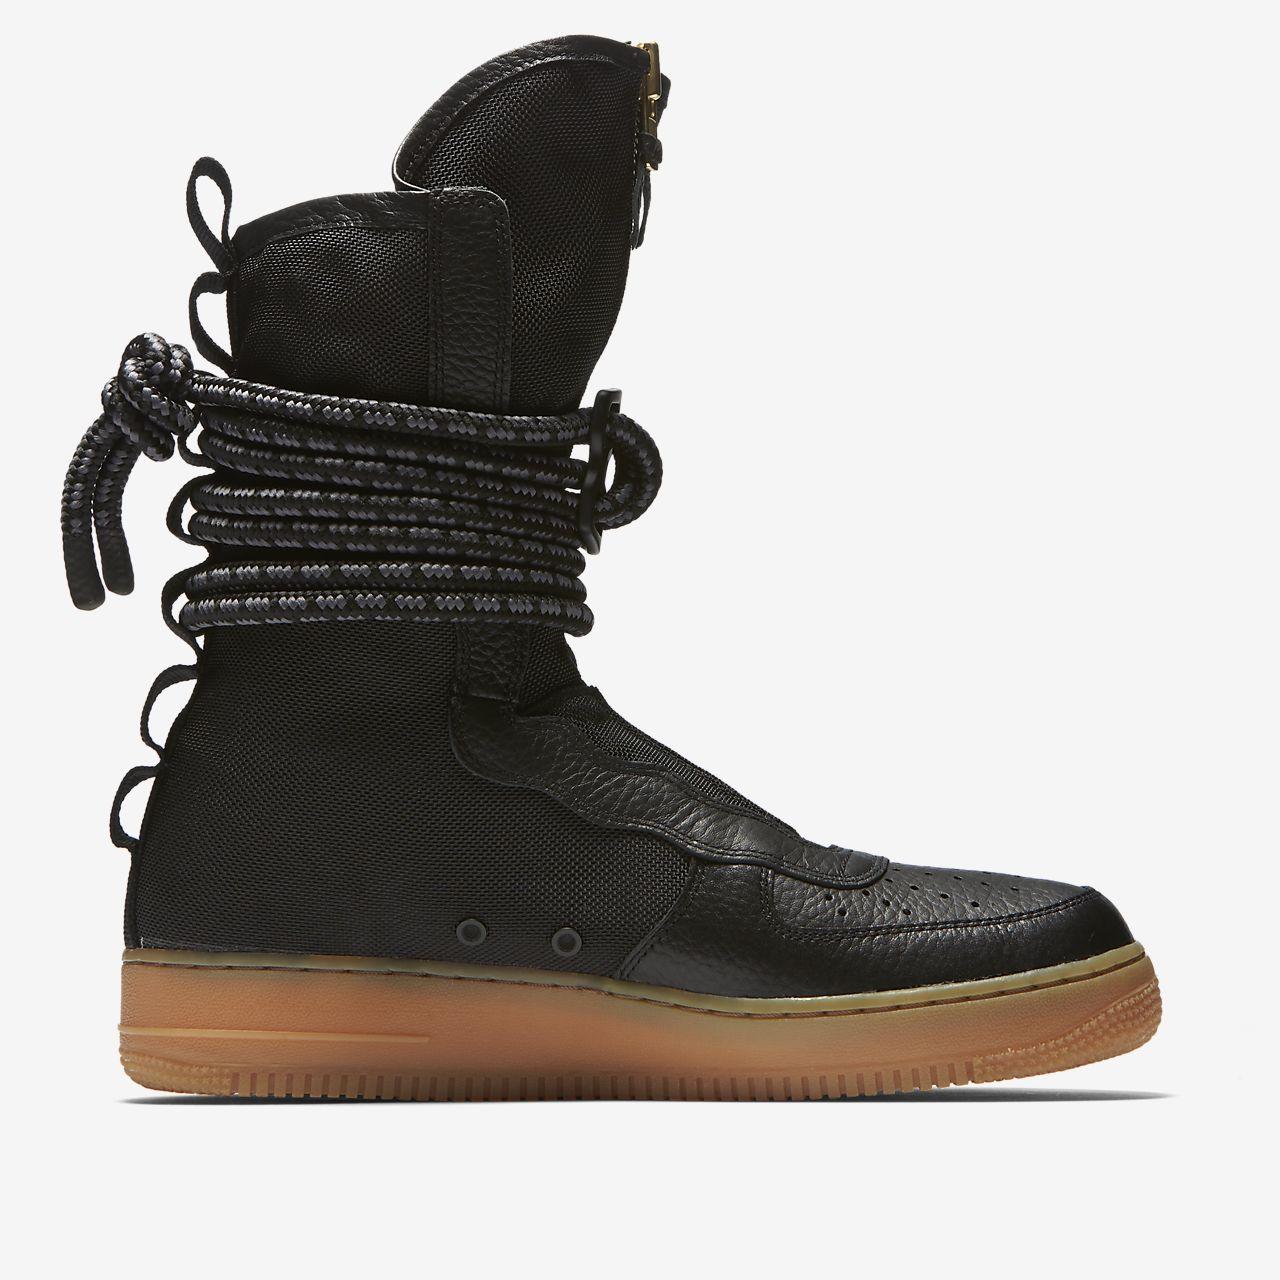 Noir Sf Baskets Nike Af1 Hi 3tQiE9y7